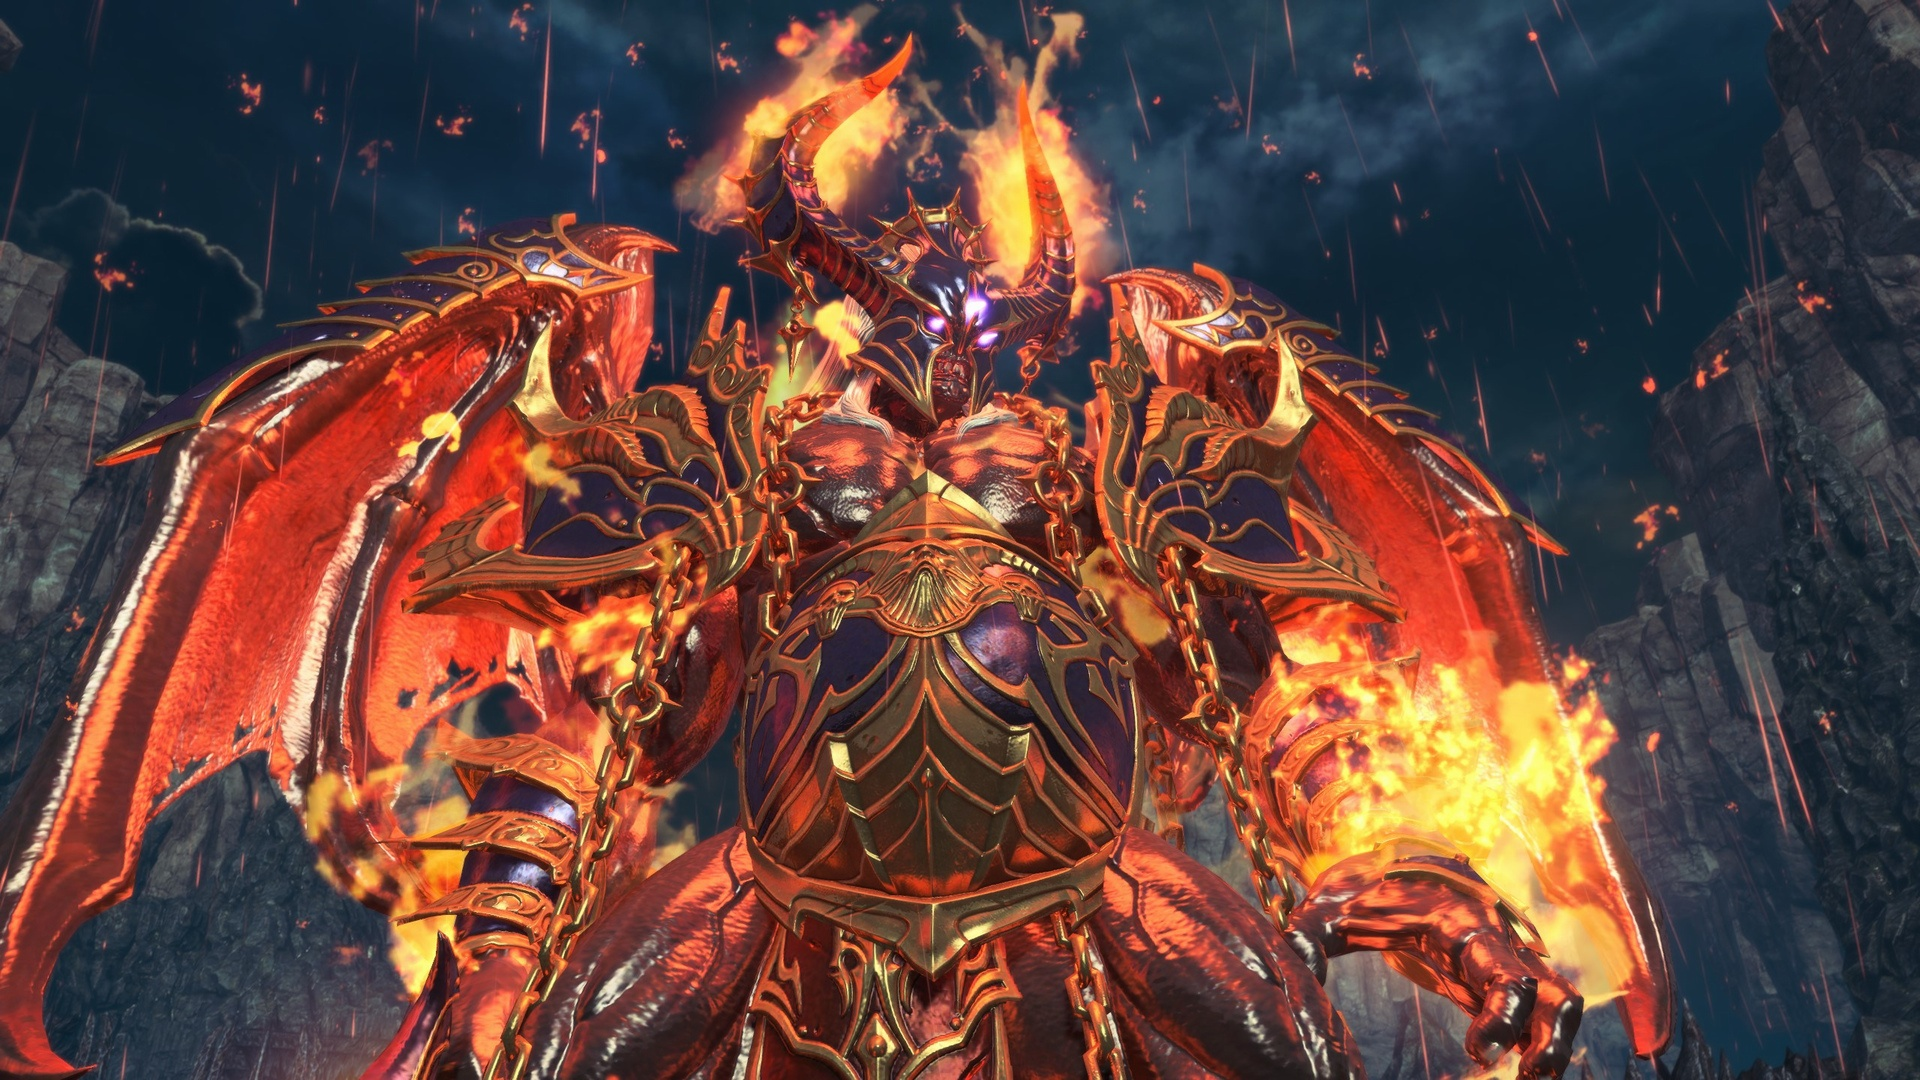 Kingdom Under Fire2 готовится покорять США и Европу: у игры появился новый издатель